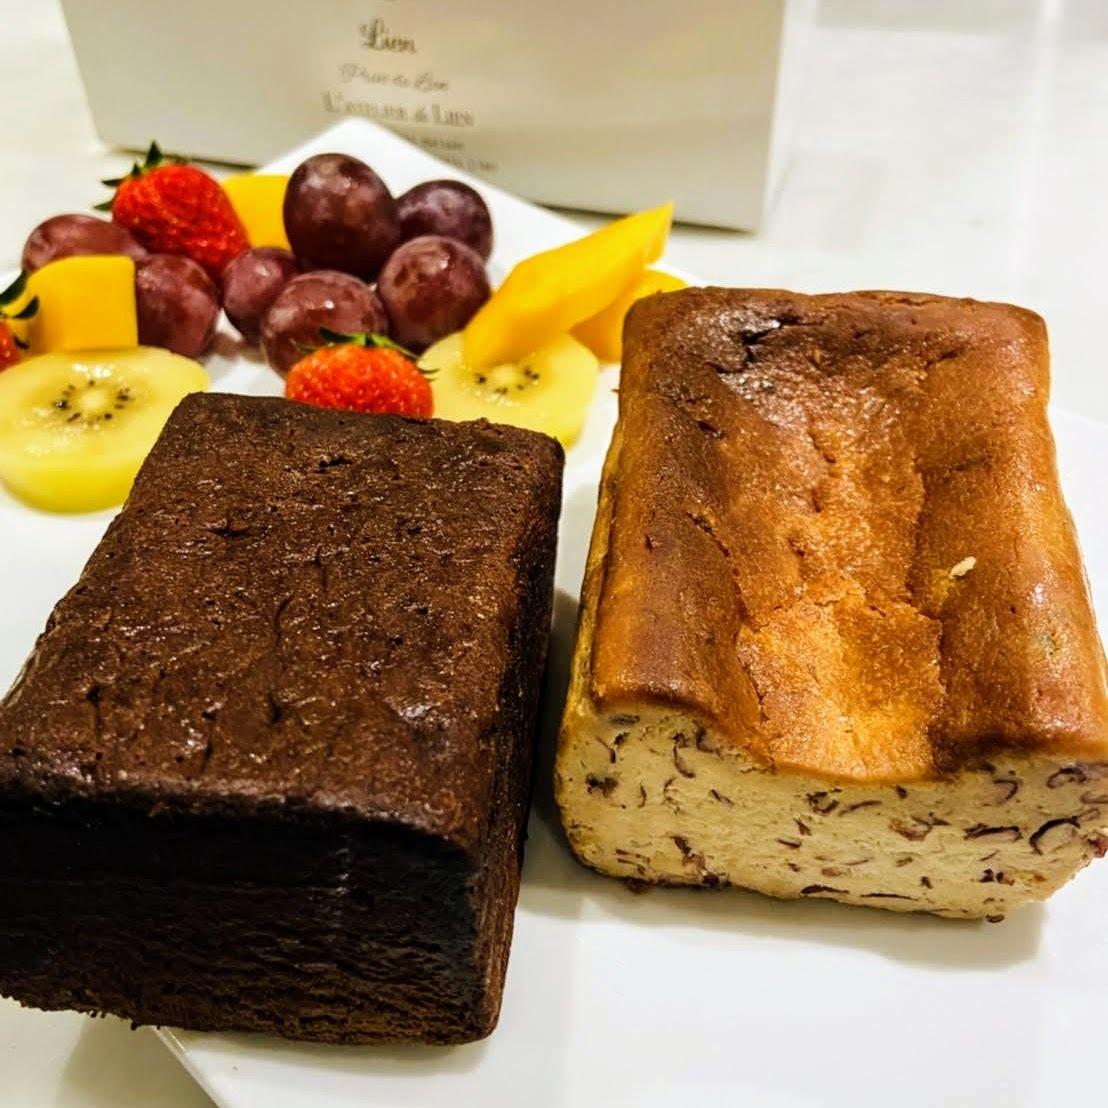 (店舗受け取り予約)ハーフサイズ詰め合わせ「北海道小豆のチーズケーキ」「テリーヌドゥショコラ」